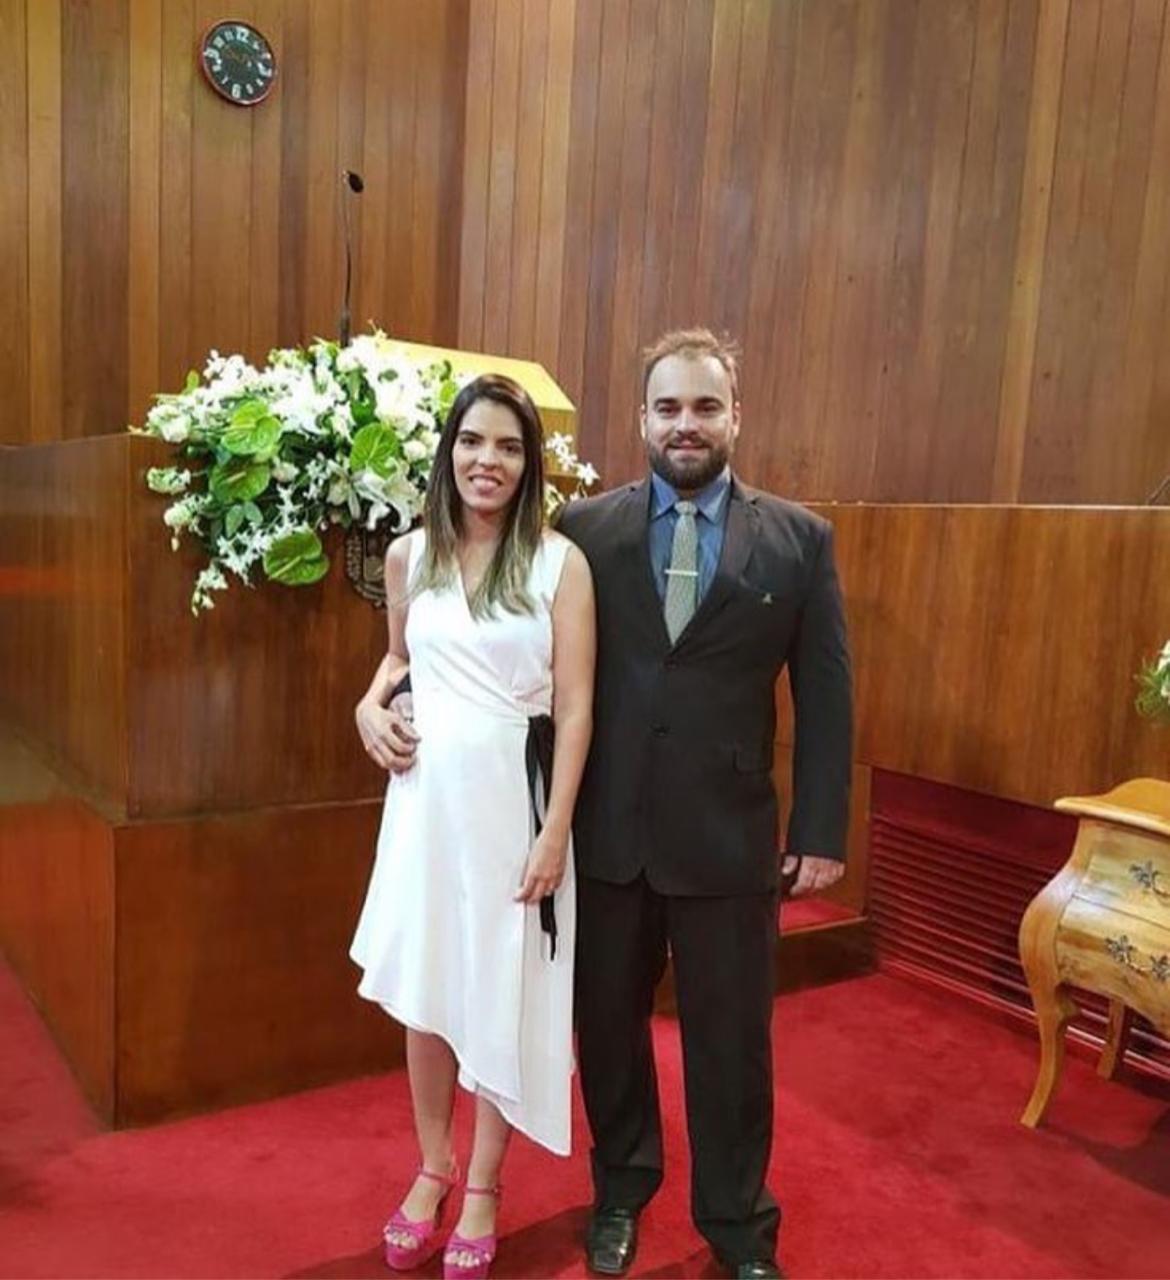 Mikhail e a esposa Lorena, filha do deputado Themístocles Filho - Foto: Reprodução/Instagram